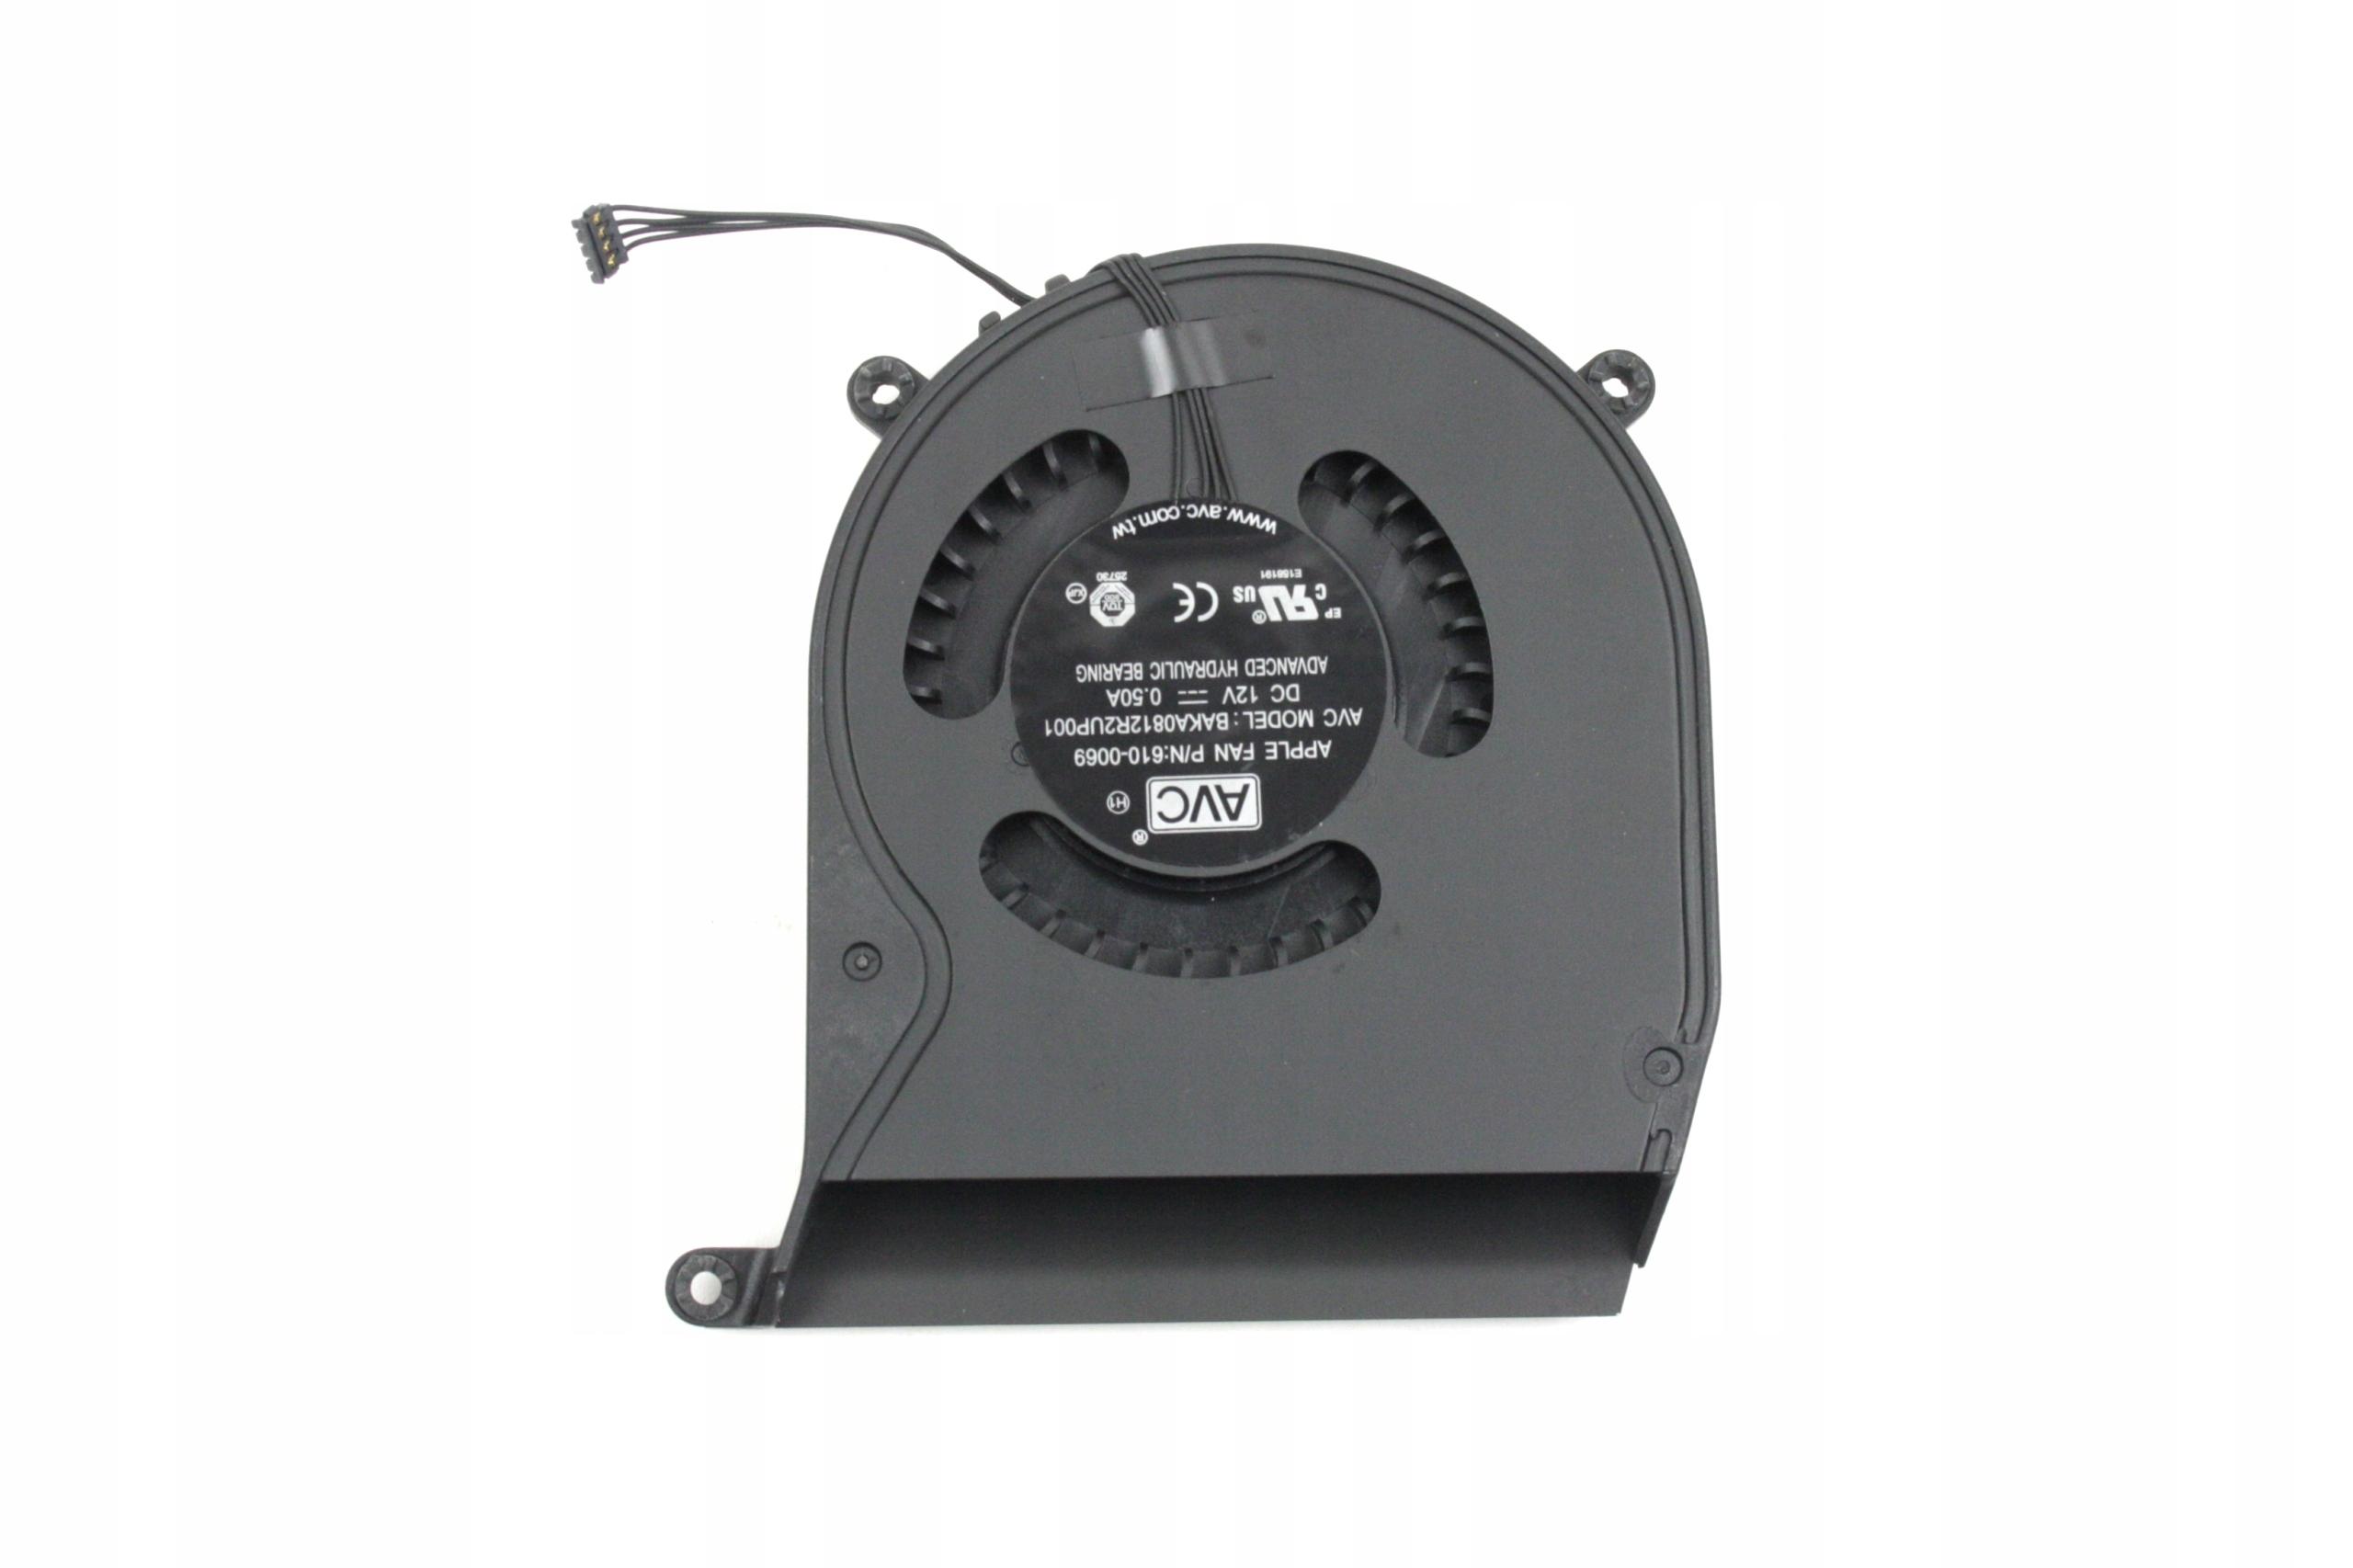 WENTYLATOR CHŁODZENIE WIATRAK APPLE MAC MINIi A1347 - Wentylatory i radiatory